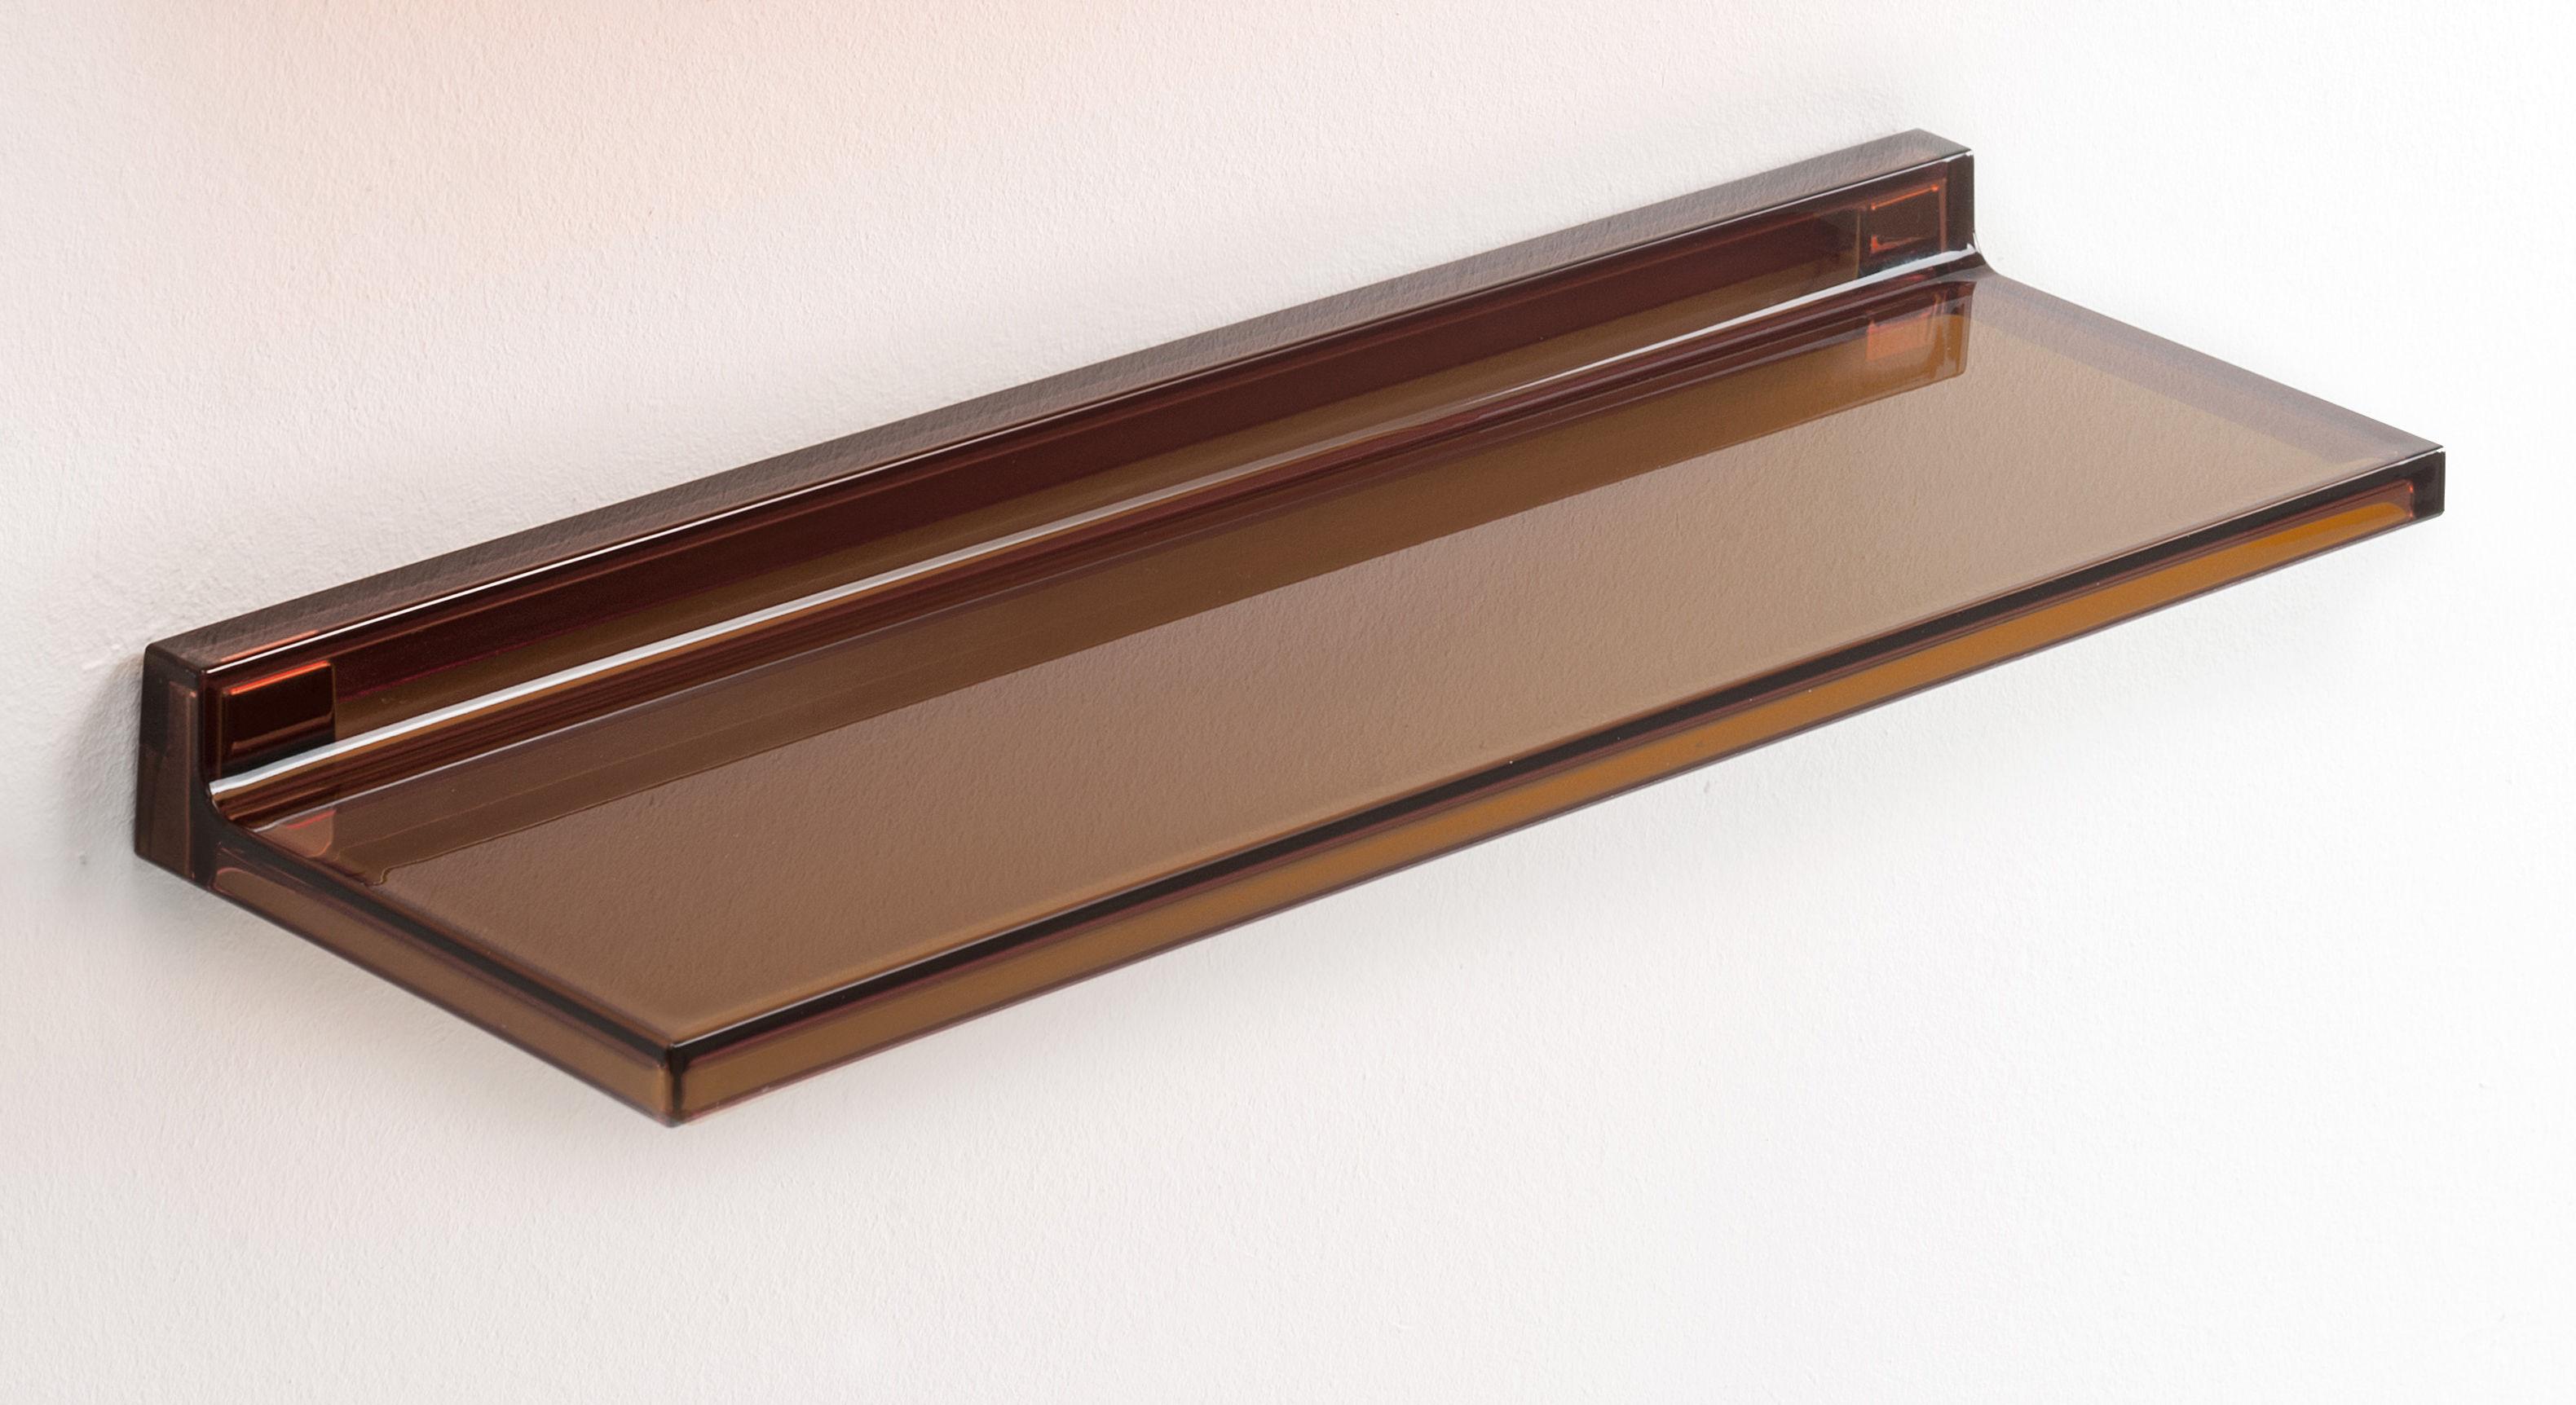 Möbel - Regale und Bücherregale - Shelfish Regal / L 45 cm - Kartell - Bernsteinfarben - PMMA